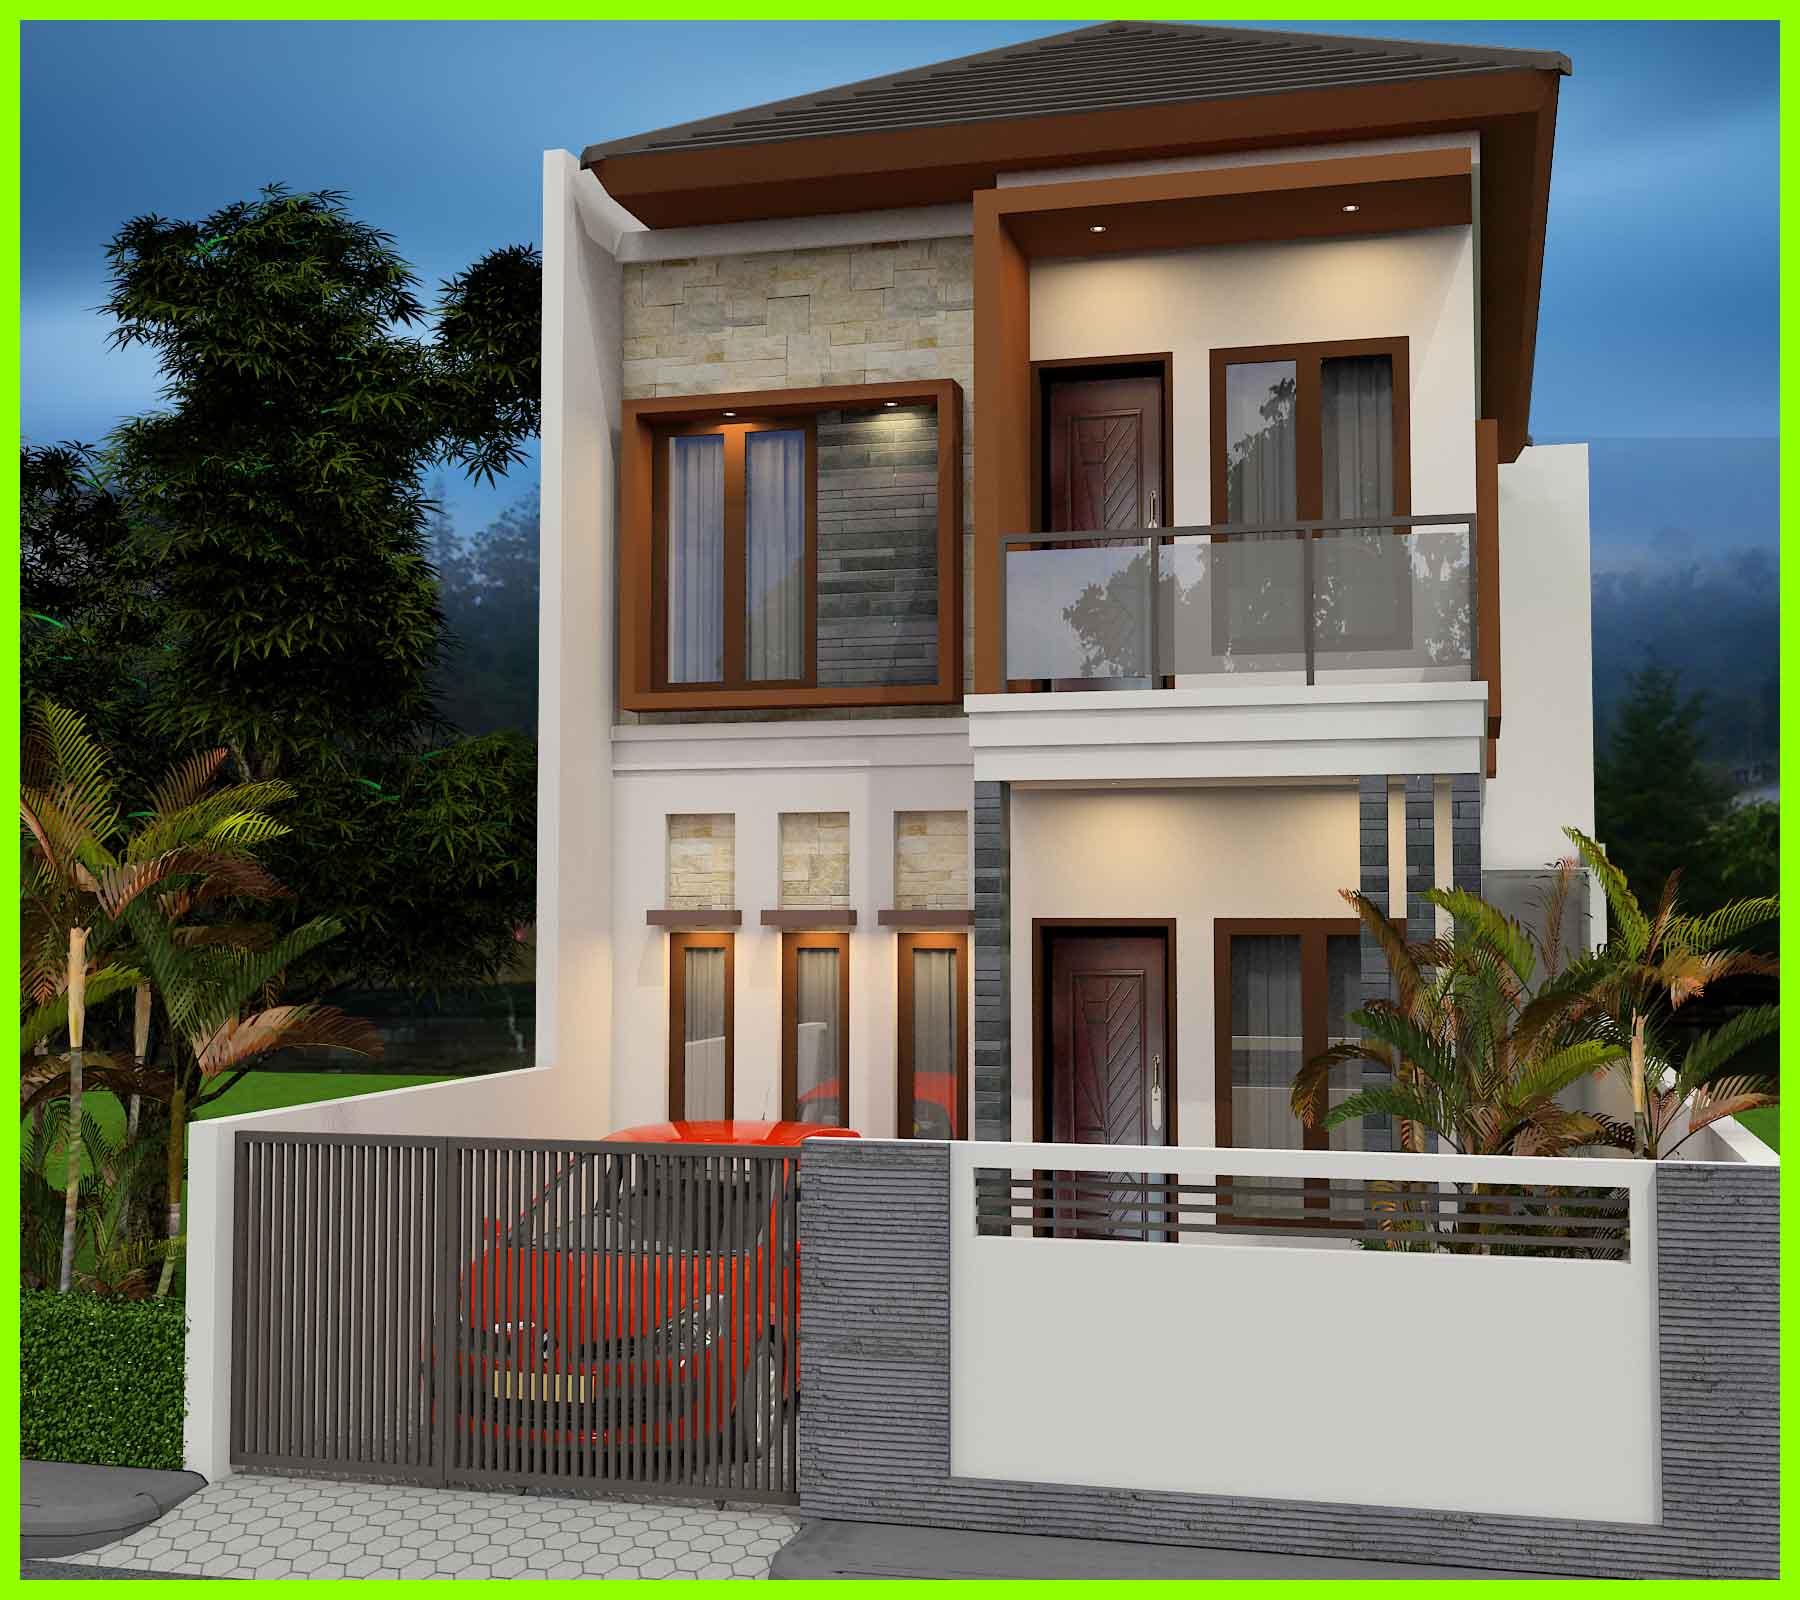 10 Contoh Desain Rumah Minimalis 2 Lantai Yang Nampak Mewah dan Modern 2